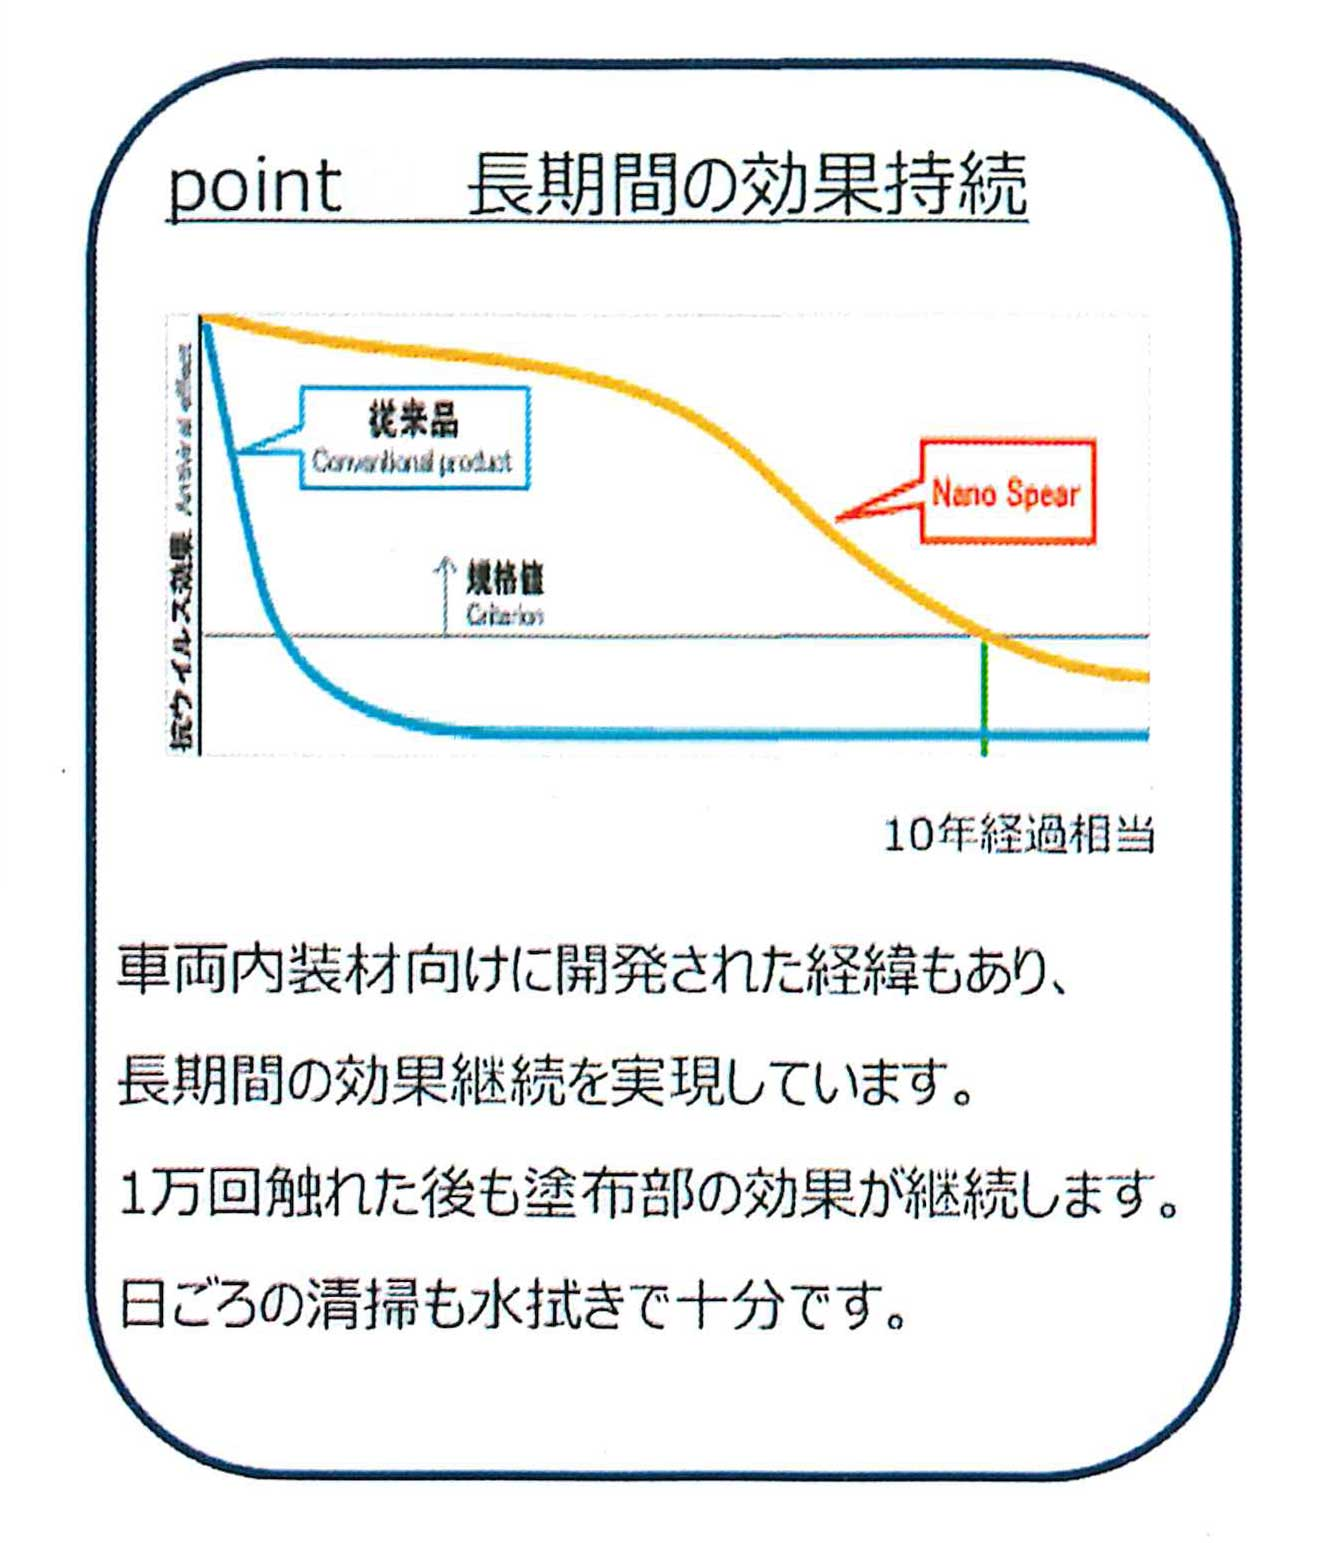 SF-ZONE 柔道畳 クラッセ